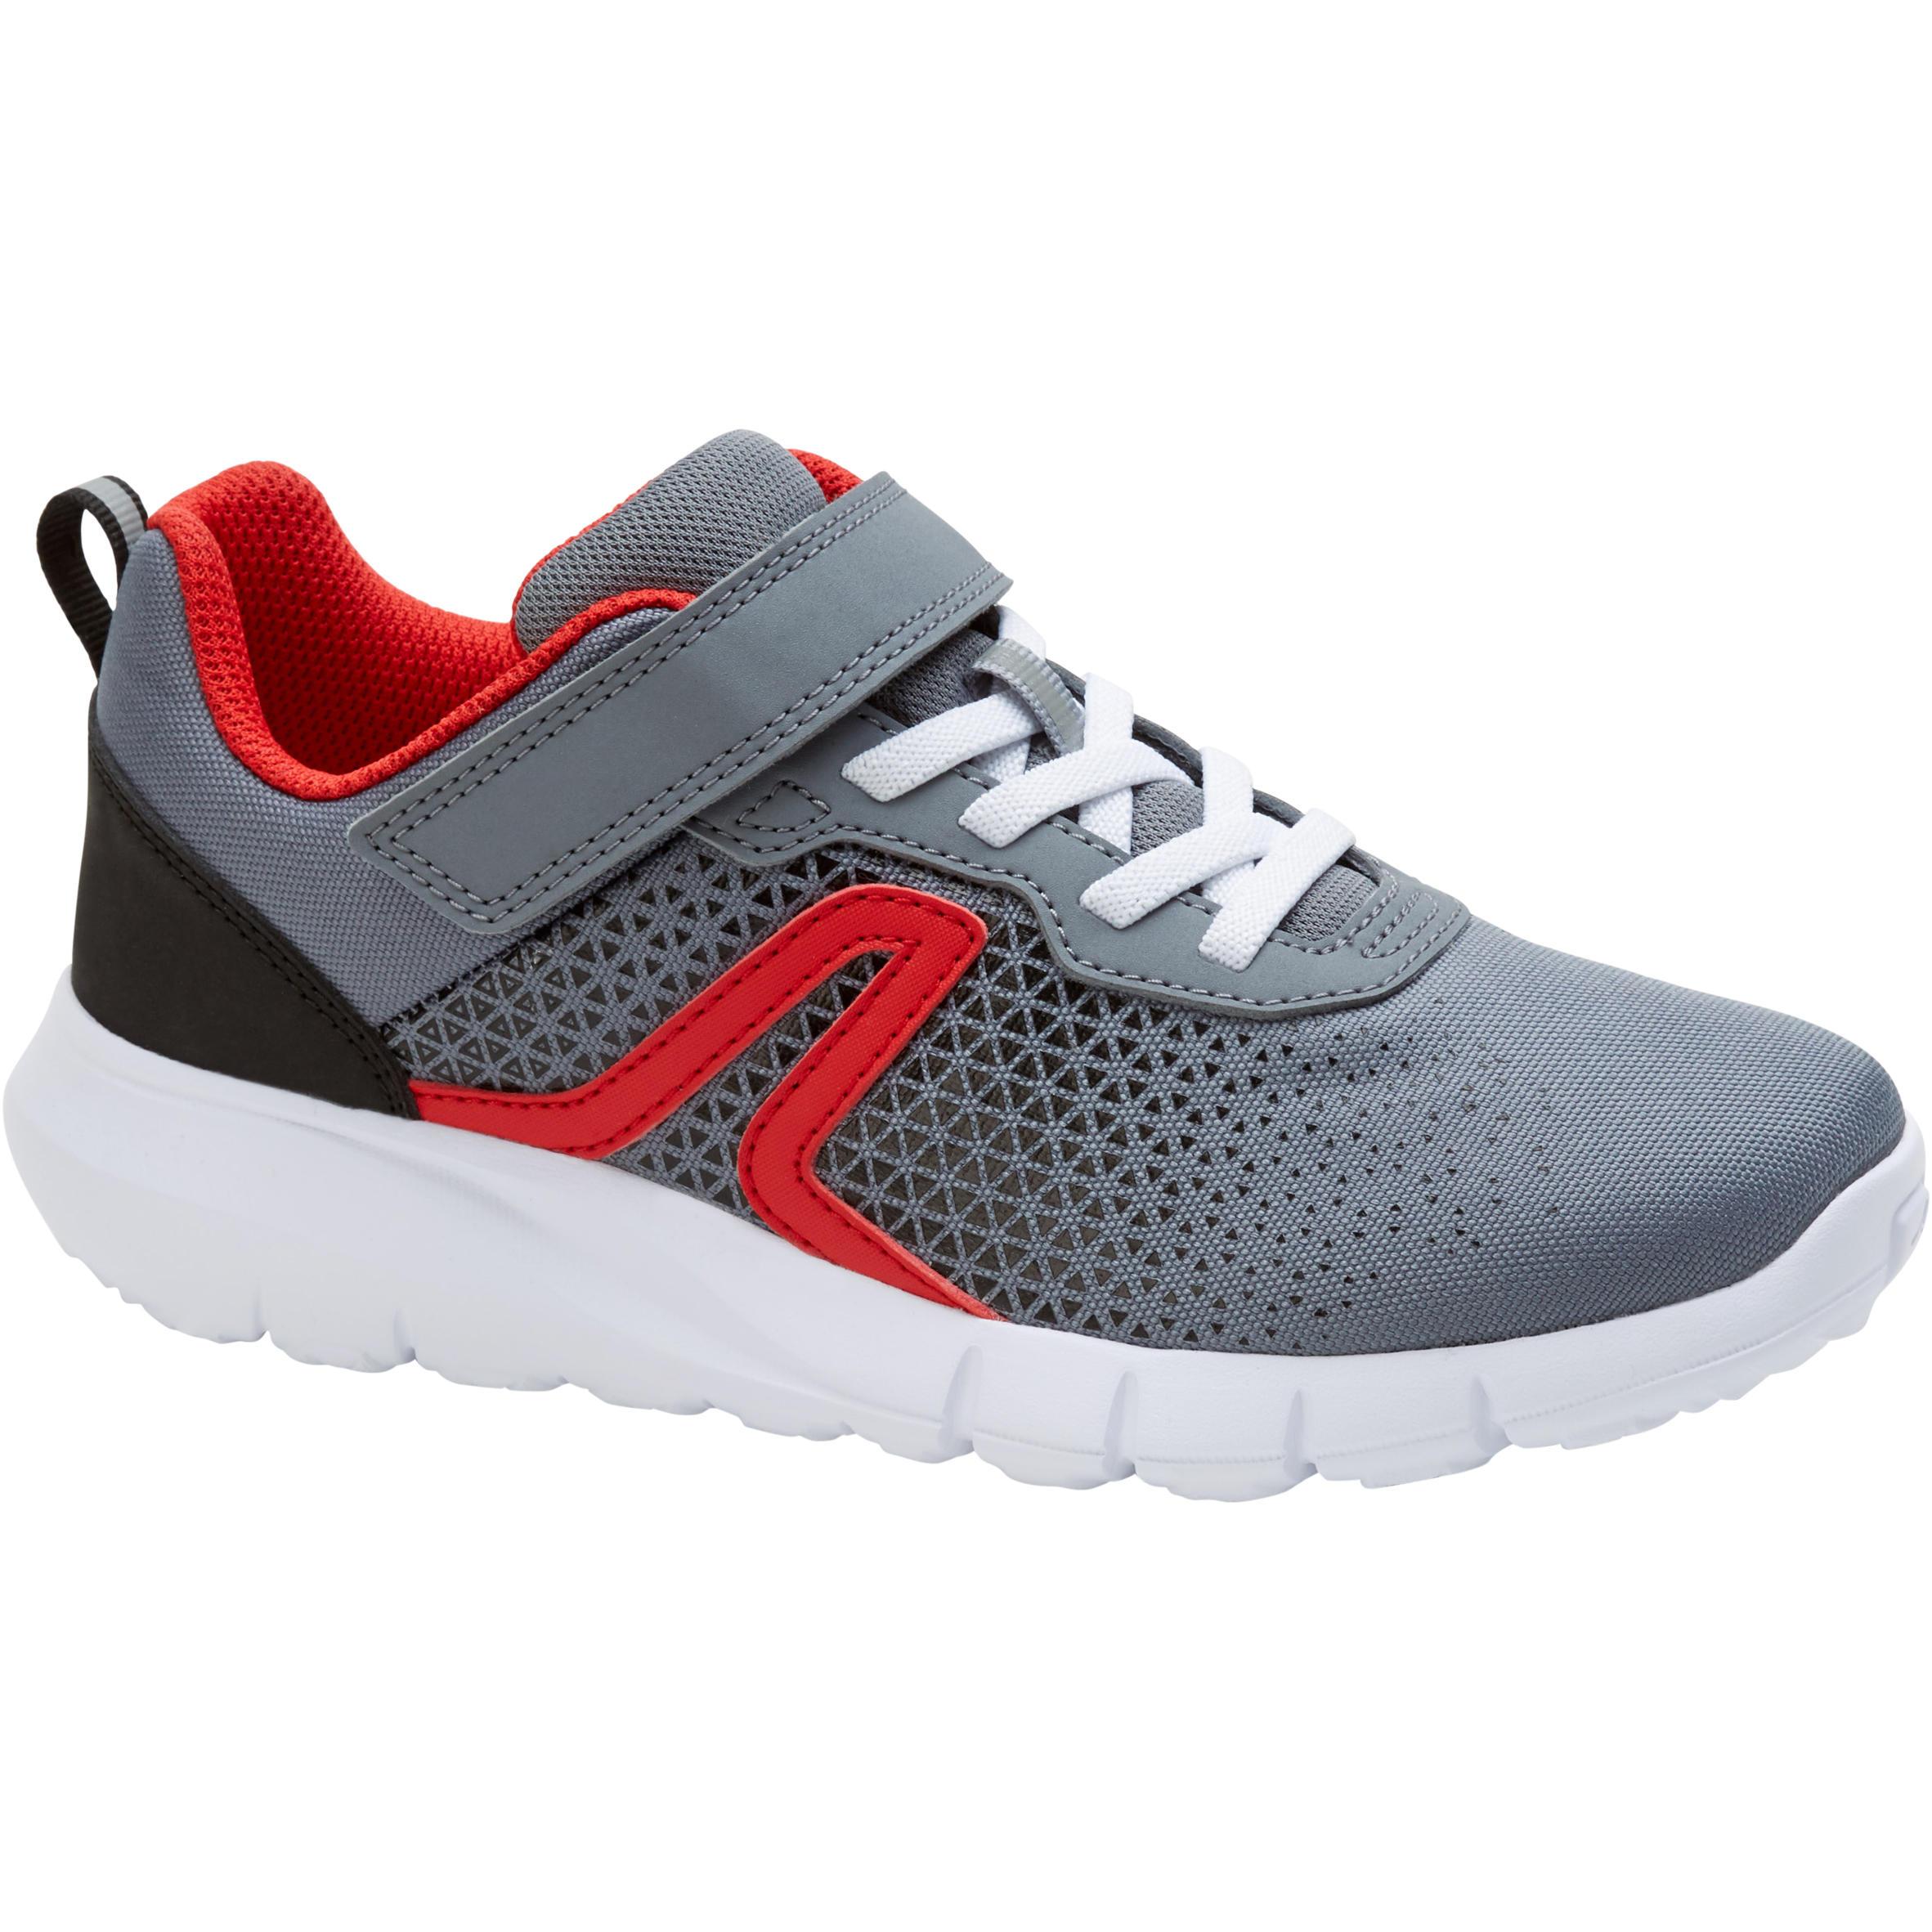 Tenis de caminata deportiva para niños Soft 140 gris / rojo